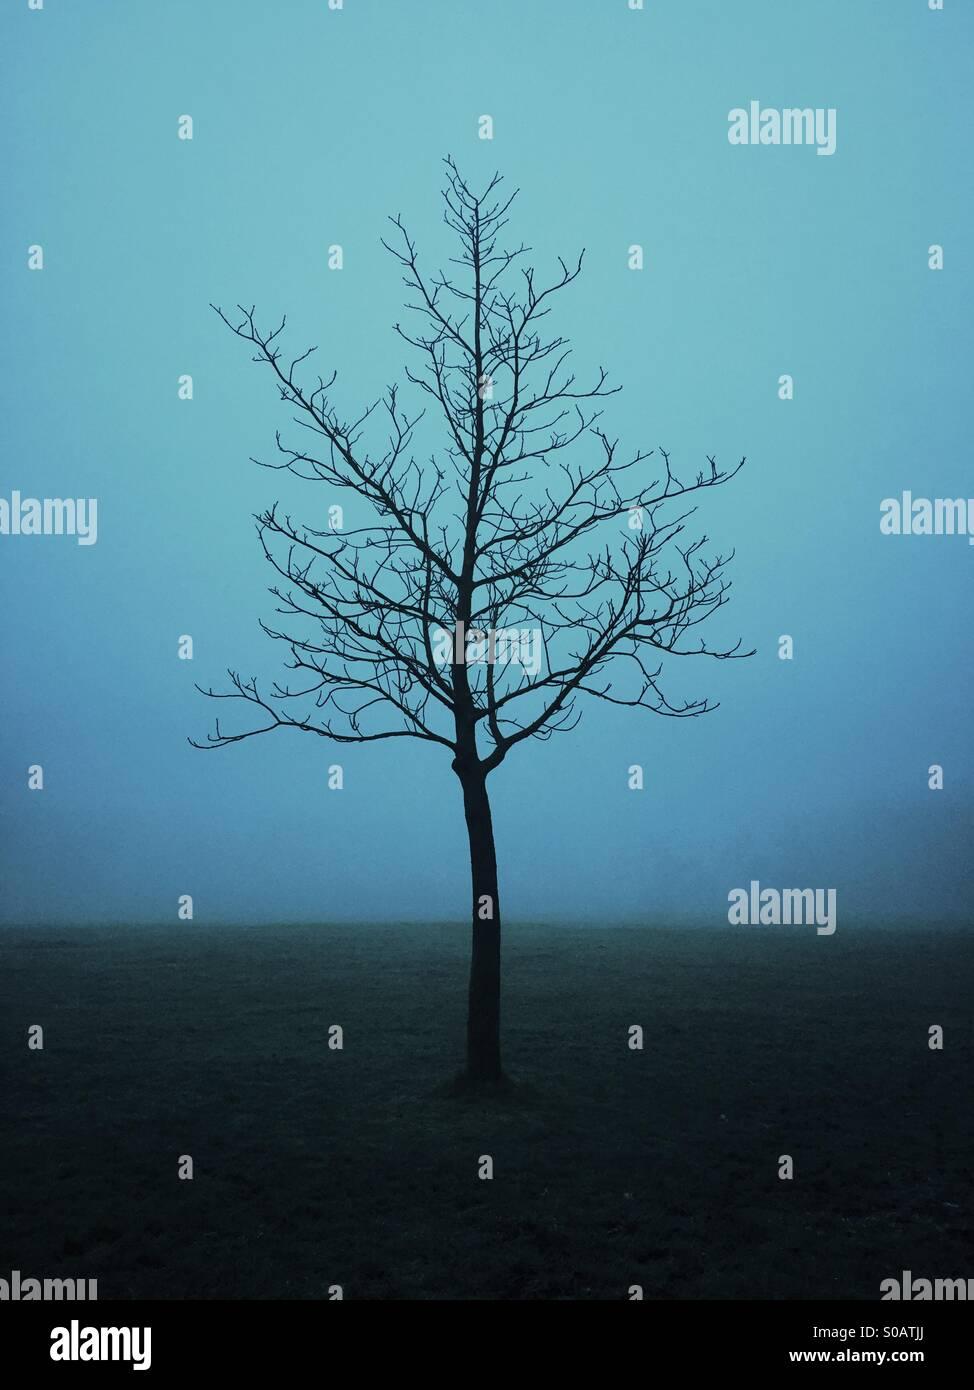 Solitario árbol en la niebla Imagen De Stock